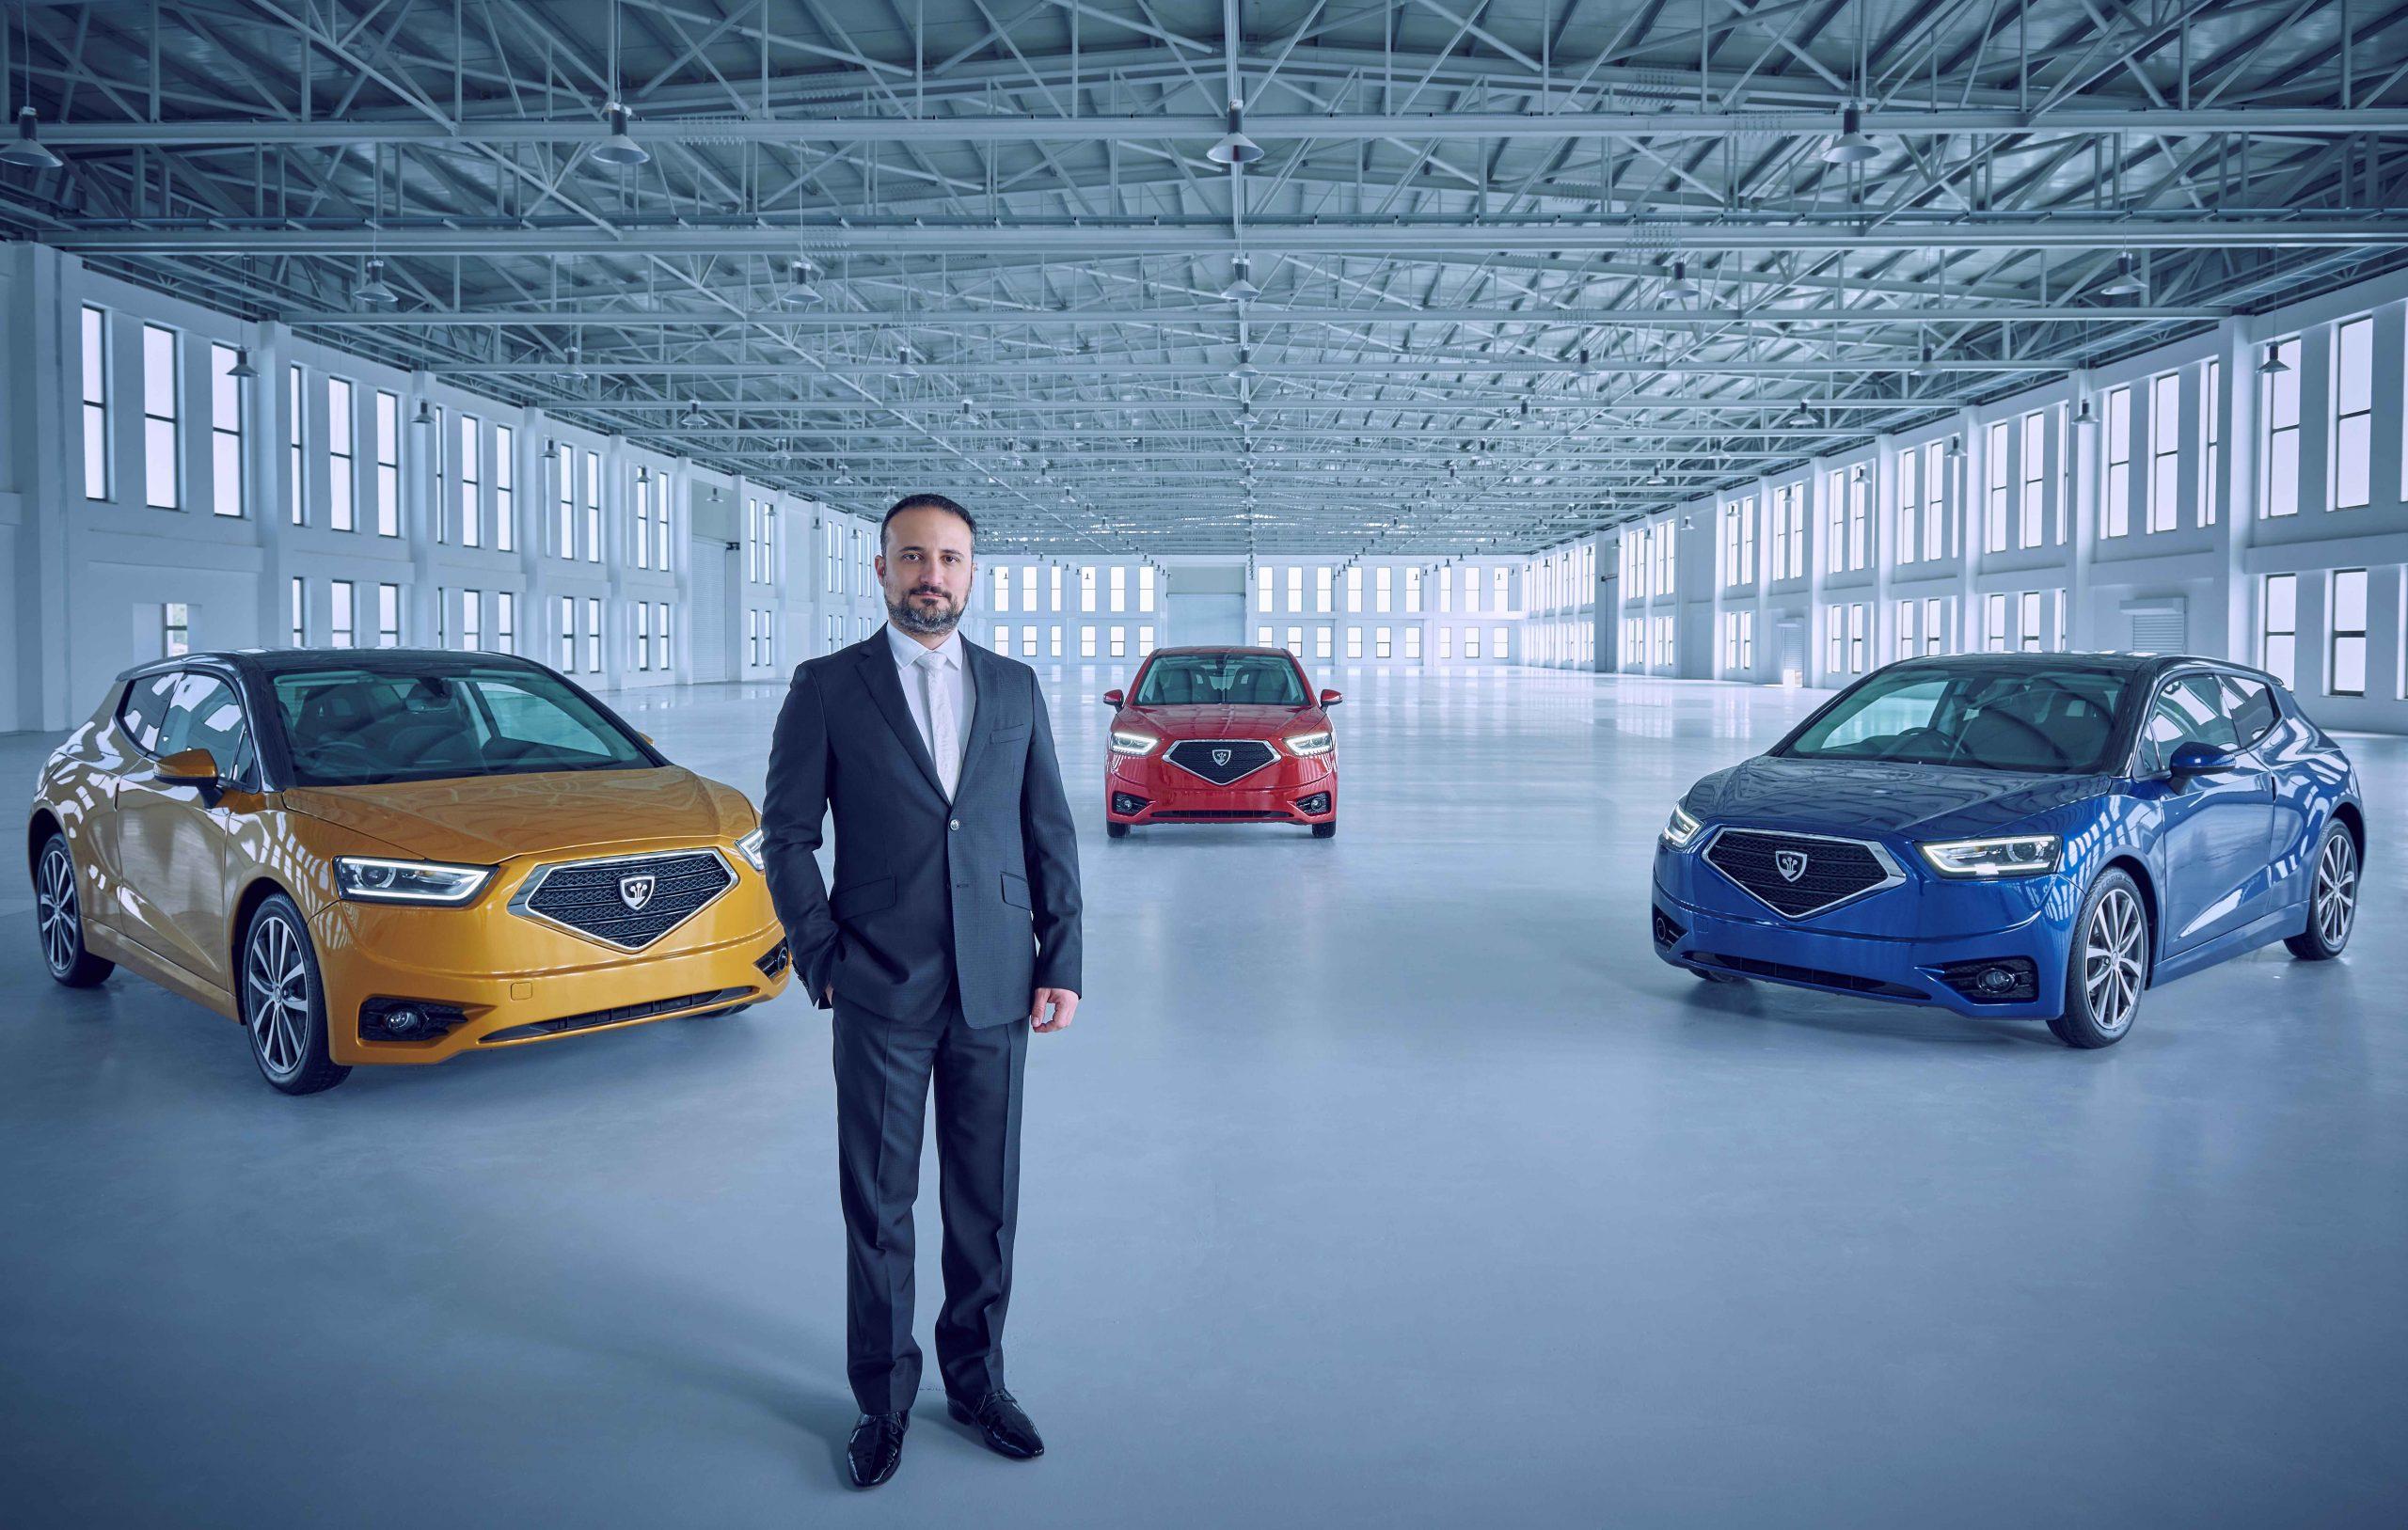 Dünya Otomotiv Vitrininde Yenilikçi Bir Marka!